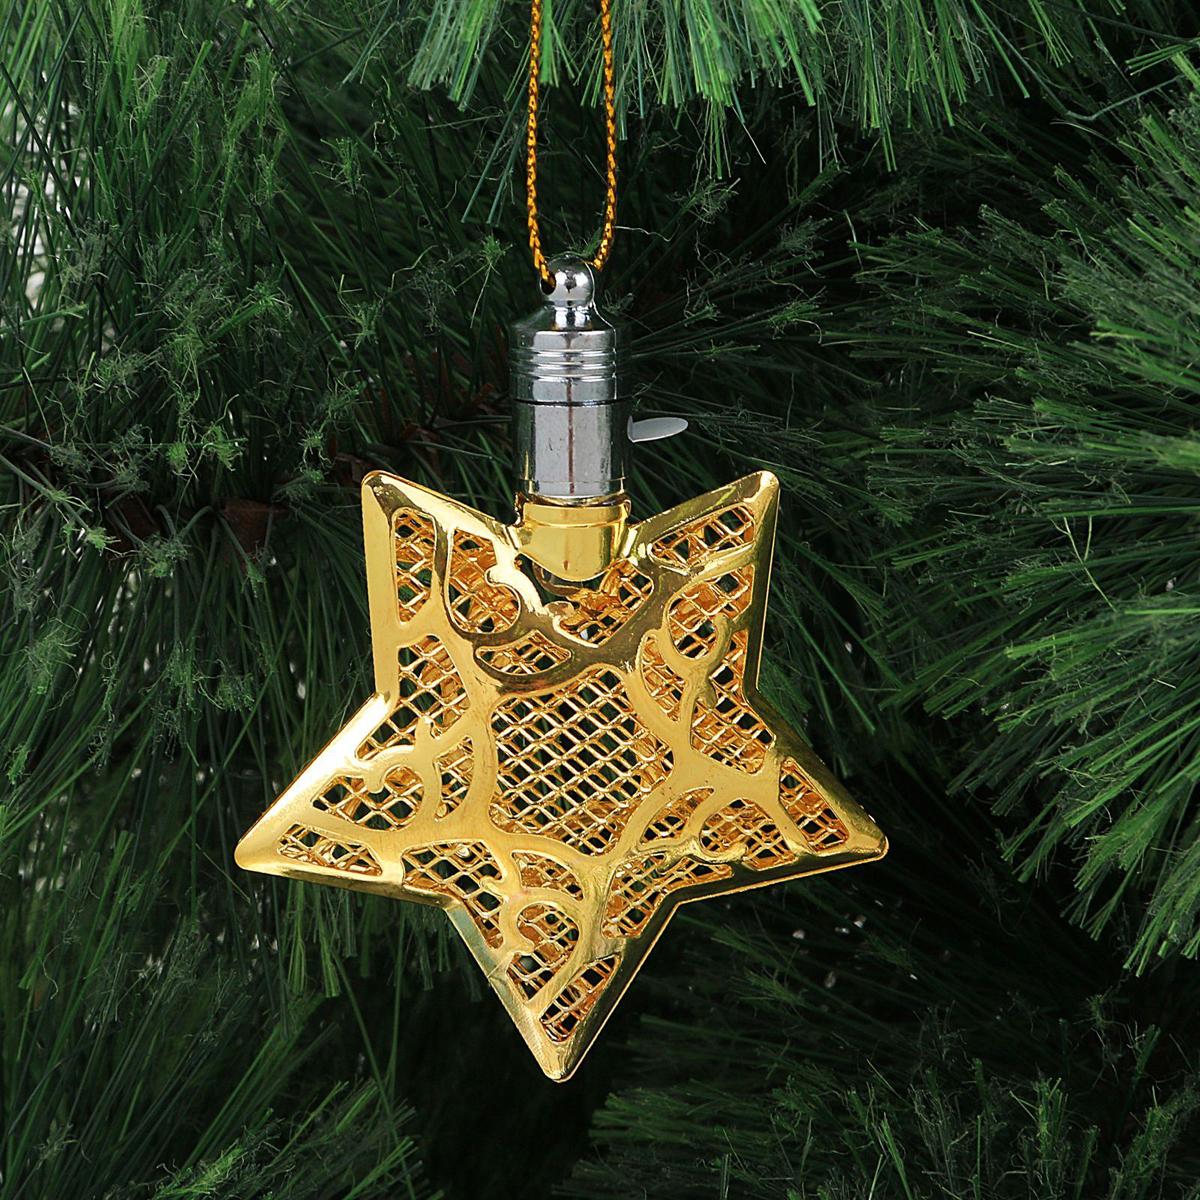 Подвеска световая Luazon Lighting Звезда, цвет: золотой, длина 8 см2327169Световые подвески выглядят как простые елочные игрушки днем, но при этом остаются видимы вечером. Включите изделия с наступлением темноты, и они украсят елку огоньками. Аксессуары работают от батареек и пожаробезопасны, так как светодиоды не нагреваются, в отличие от ламп накаливания.